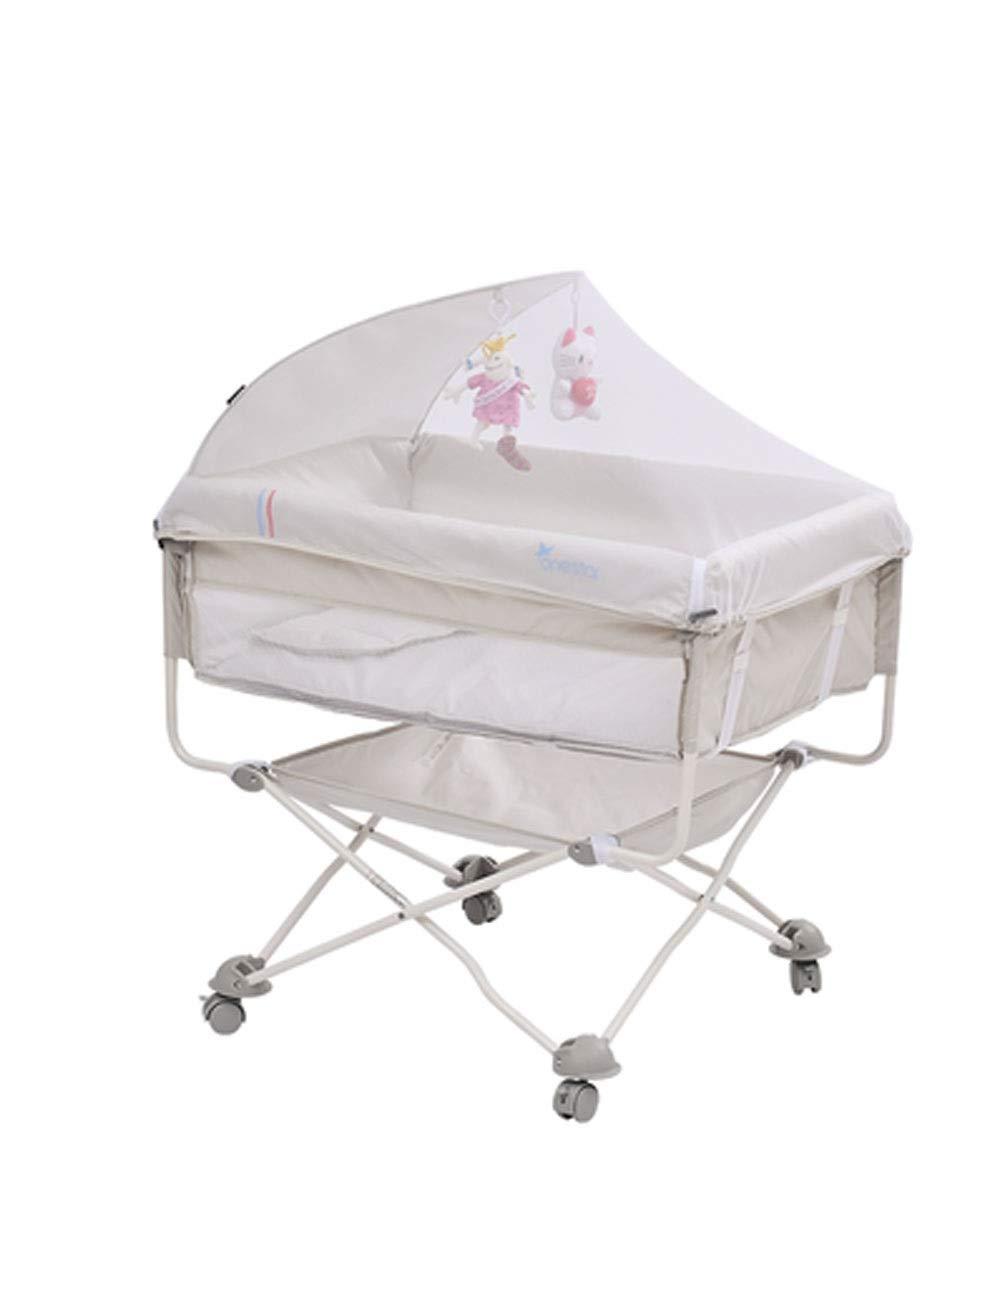 ベビーベッド、マットレスとの旅行携帯用子供のベッドの折りたたみ式ベッドのベッドのベビーベッド (色 : ライトグレー)   B07Q17C8KZ